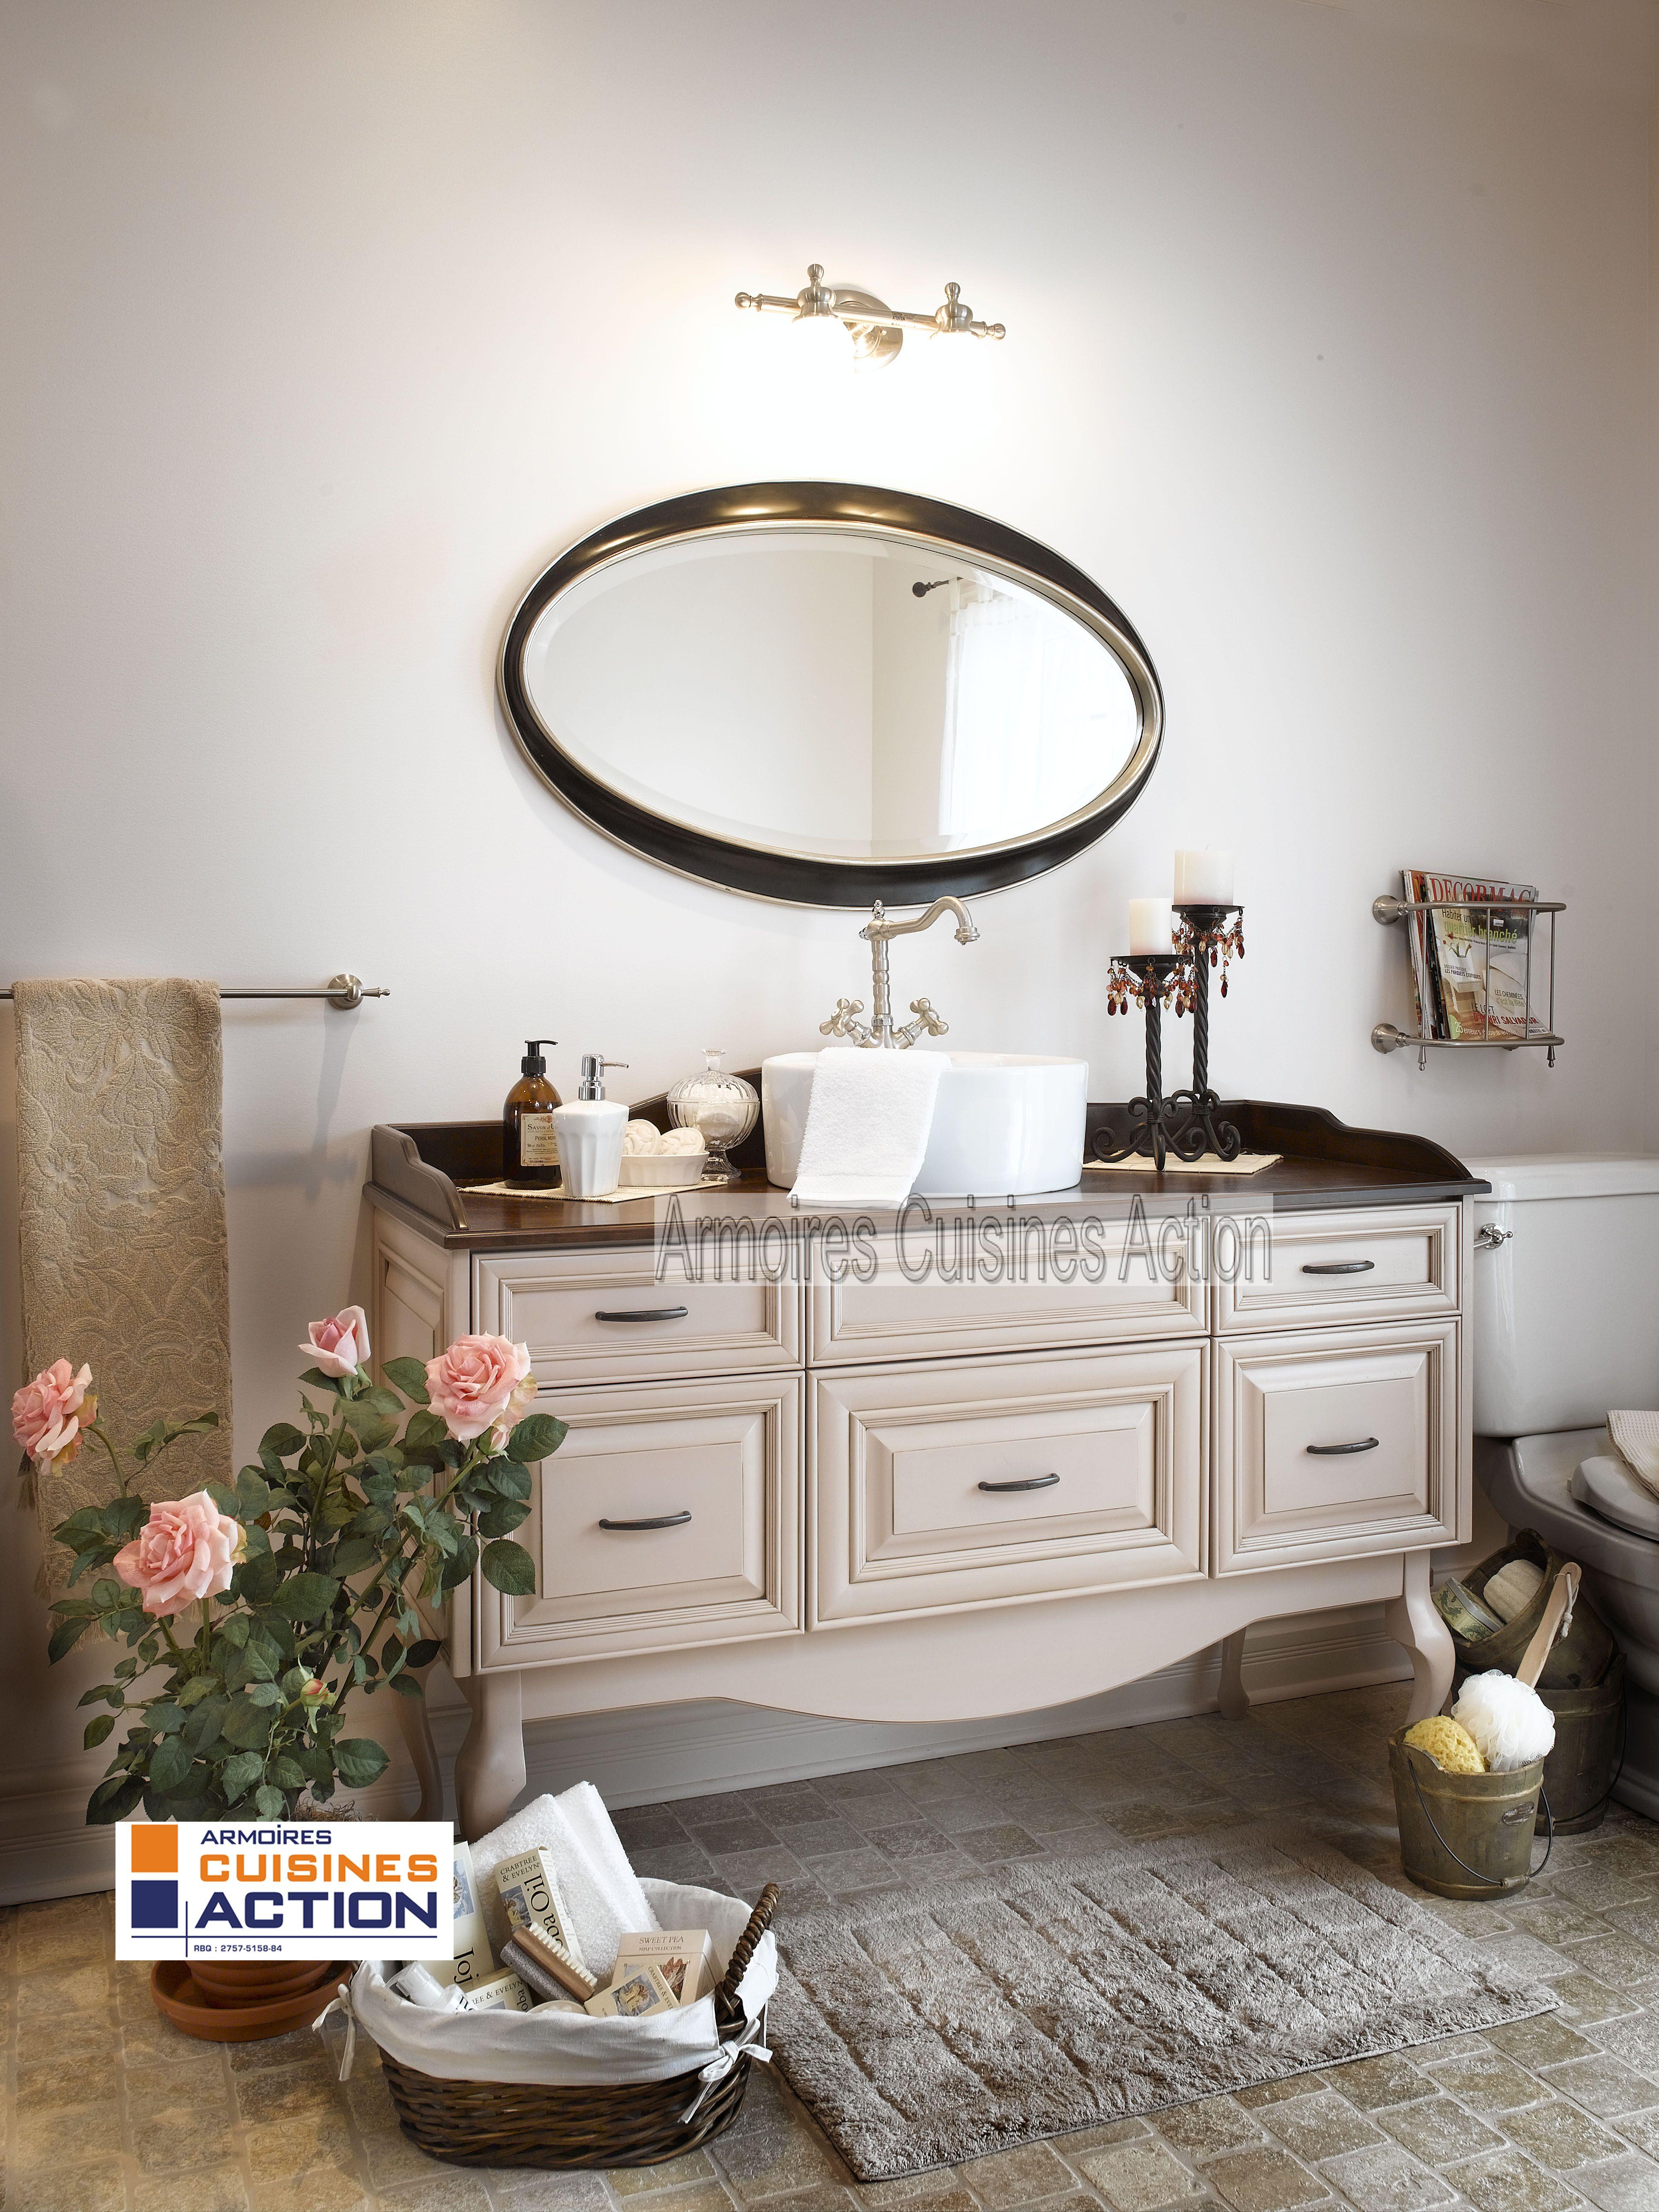 Salle de bain au look romantique de par ses porte en merisier au centre arrondi le pourtour du - Salle de bain romantique ...